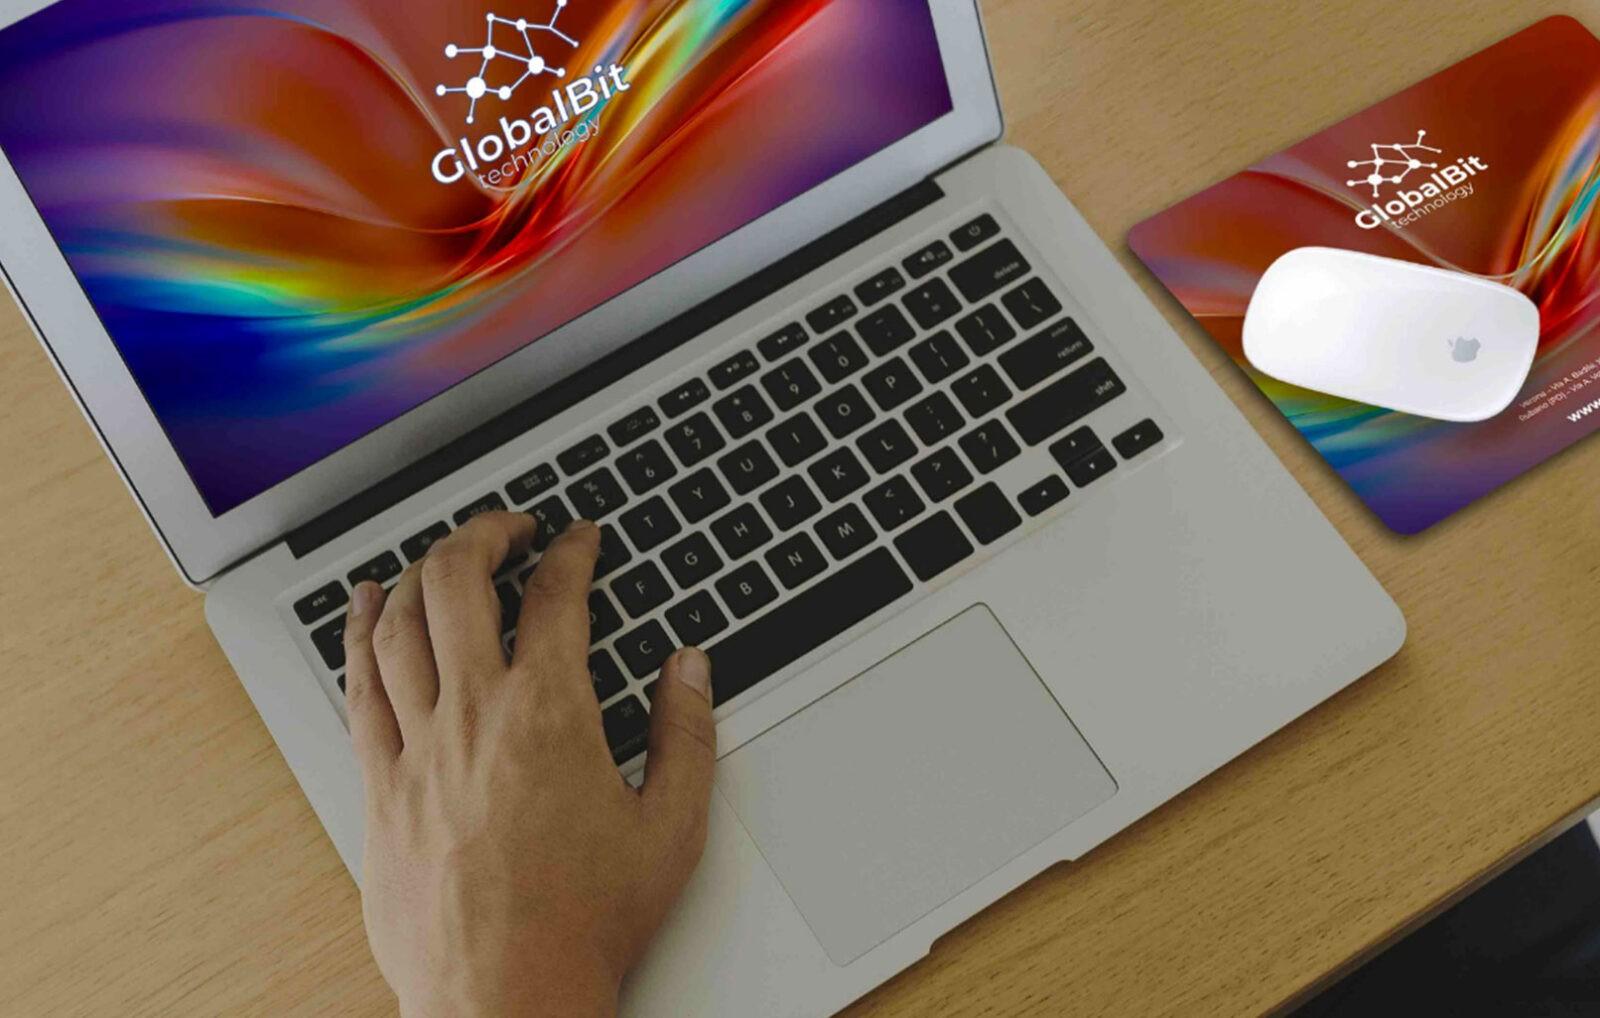 Mac Book ricondizionato Globalbit